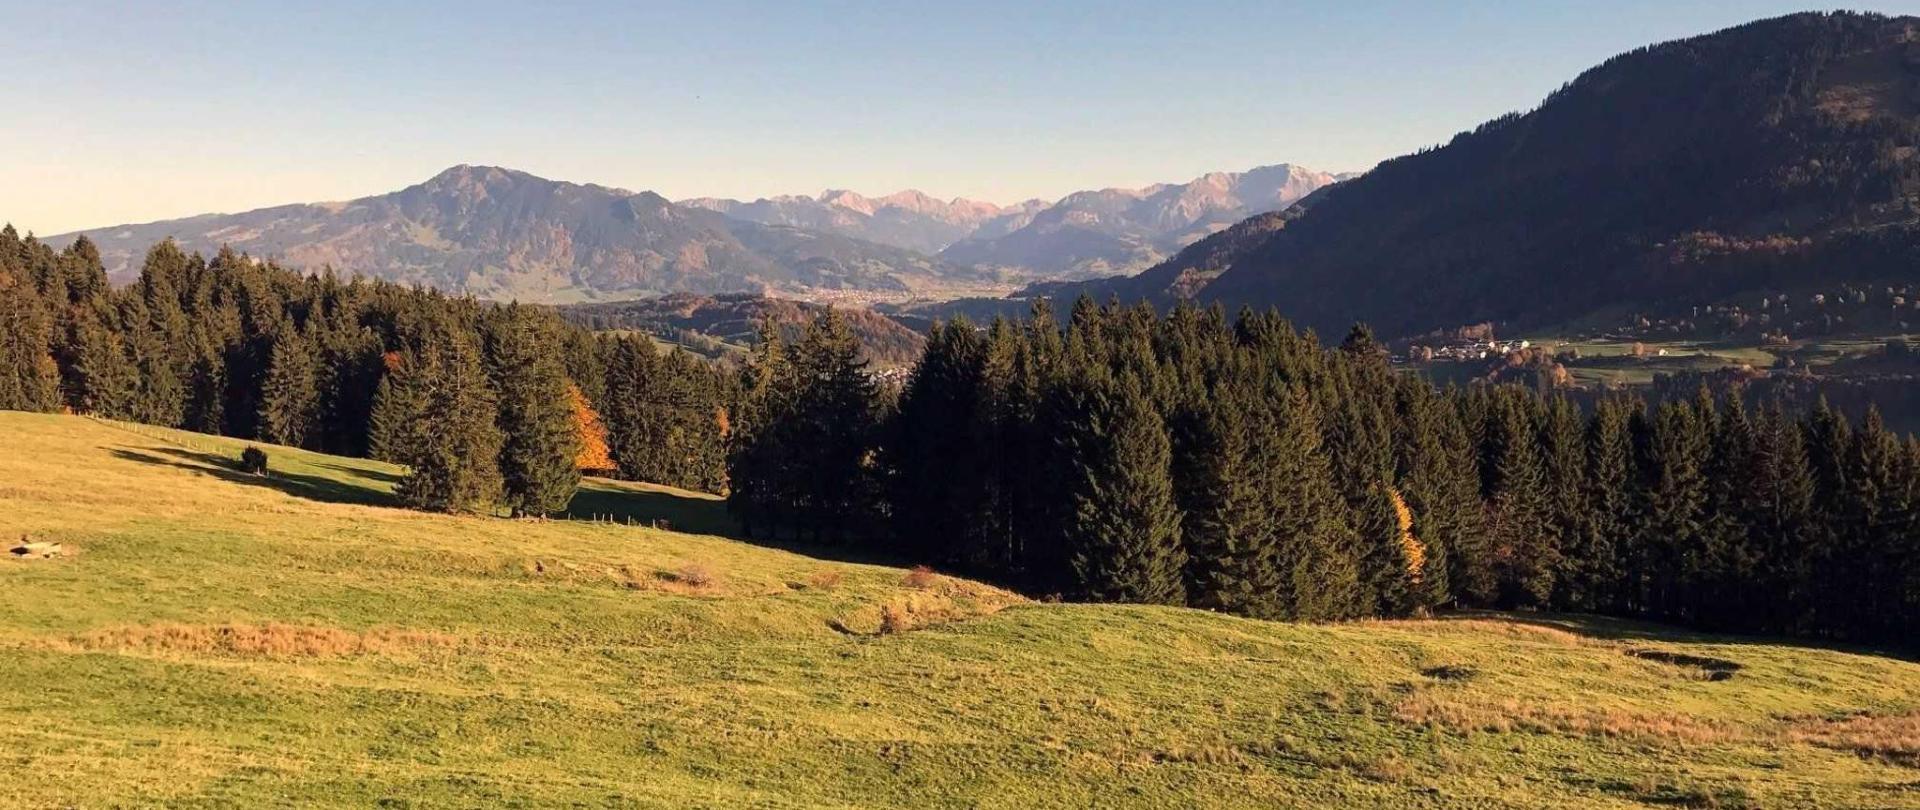 panorama-in-oberstdorfertal-von-siedelalpe-3.JPG